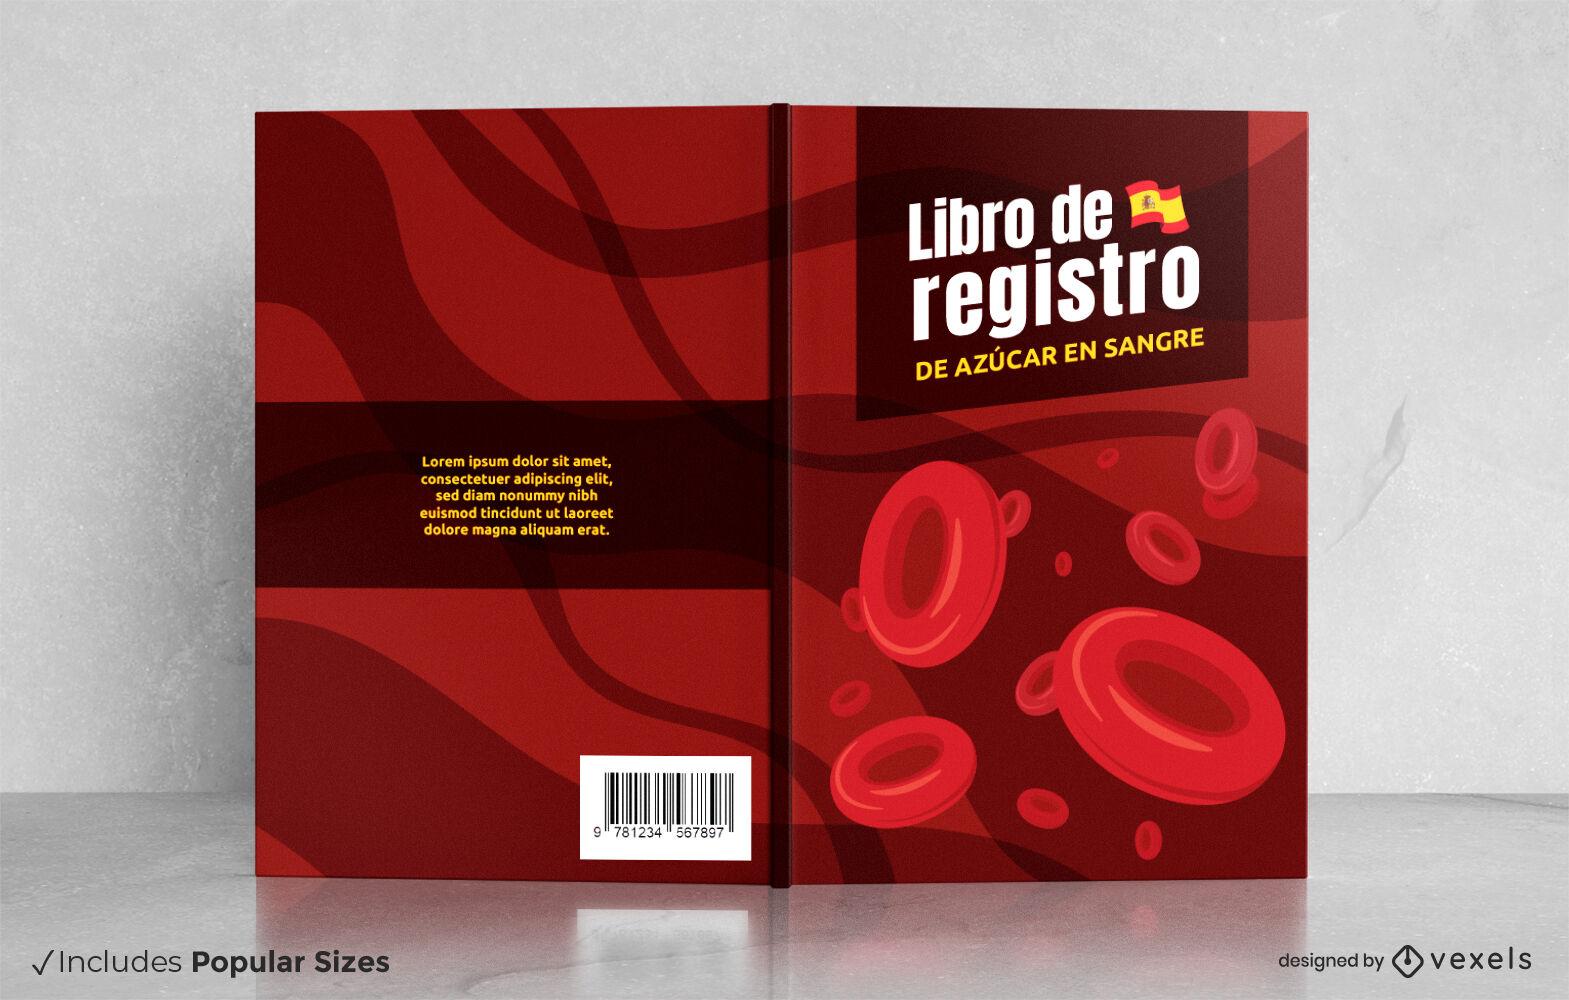 Gran diseño de portada de libro de registro de azúcar en sangre